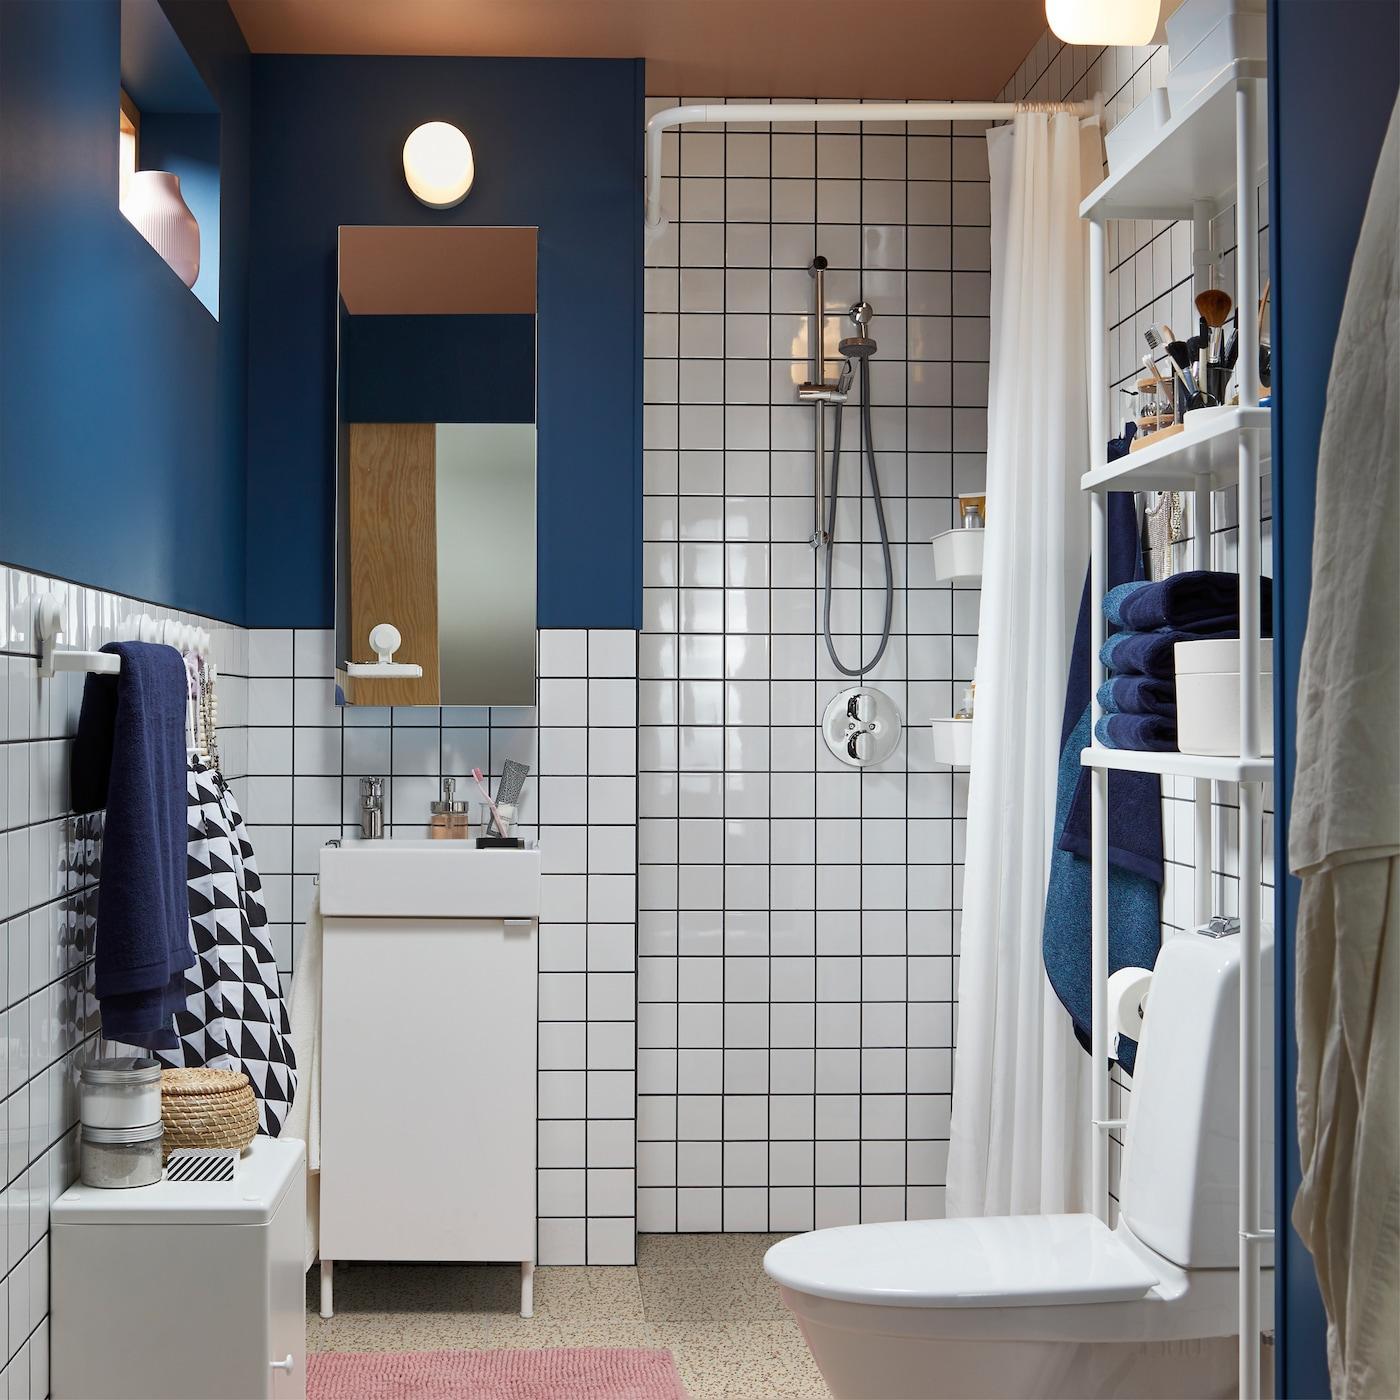 Salle de bains, en bleu et blanc, équipée d'un meuble-lavabo, d'une armoire à pharmacie et de serviettes.